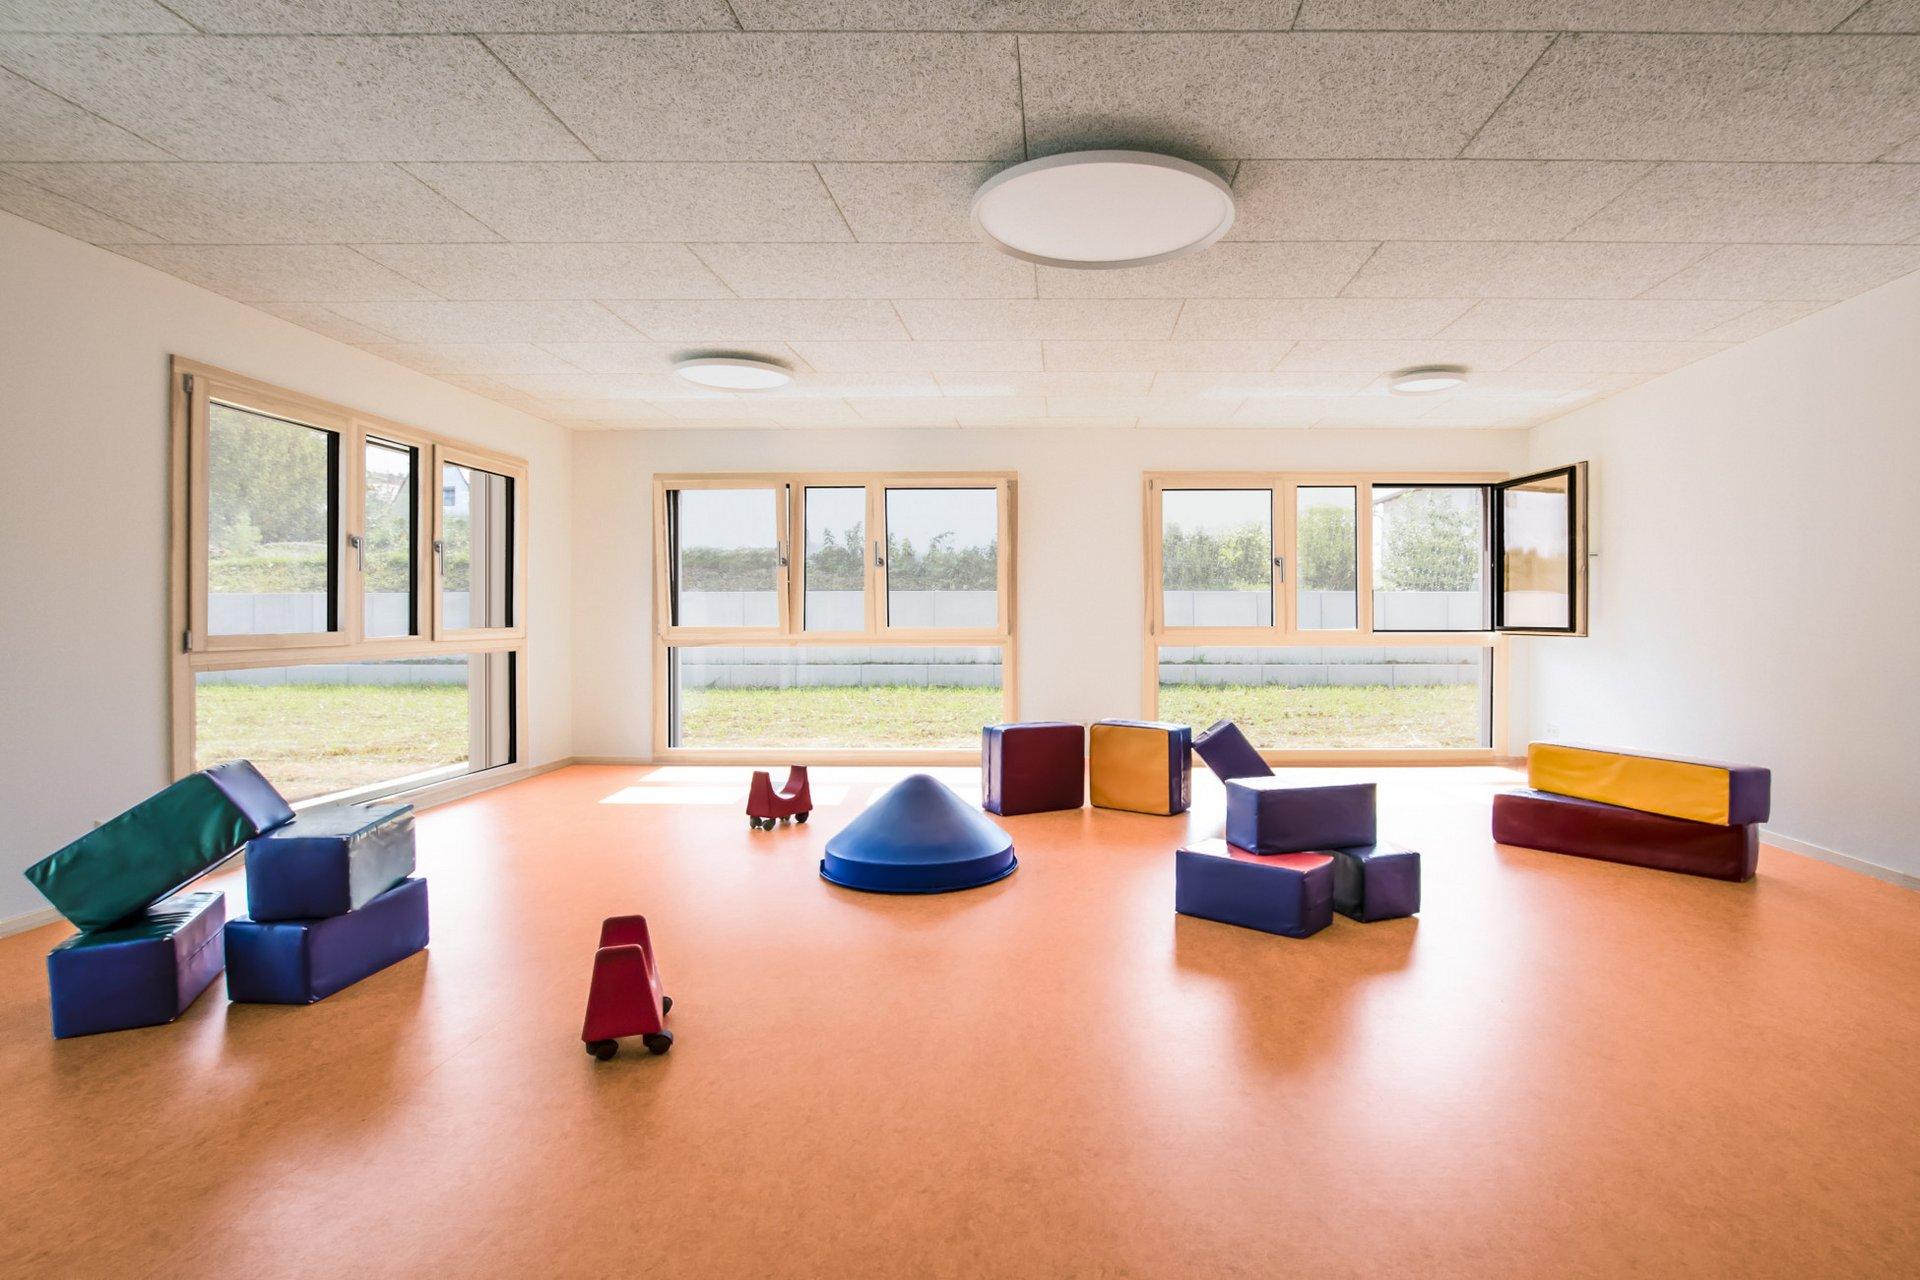 Blick in das Spielzimmer mit drei grossen Holzfenstern, der orangene Boden ist von Spielzeug übersäht.